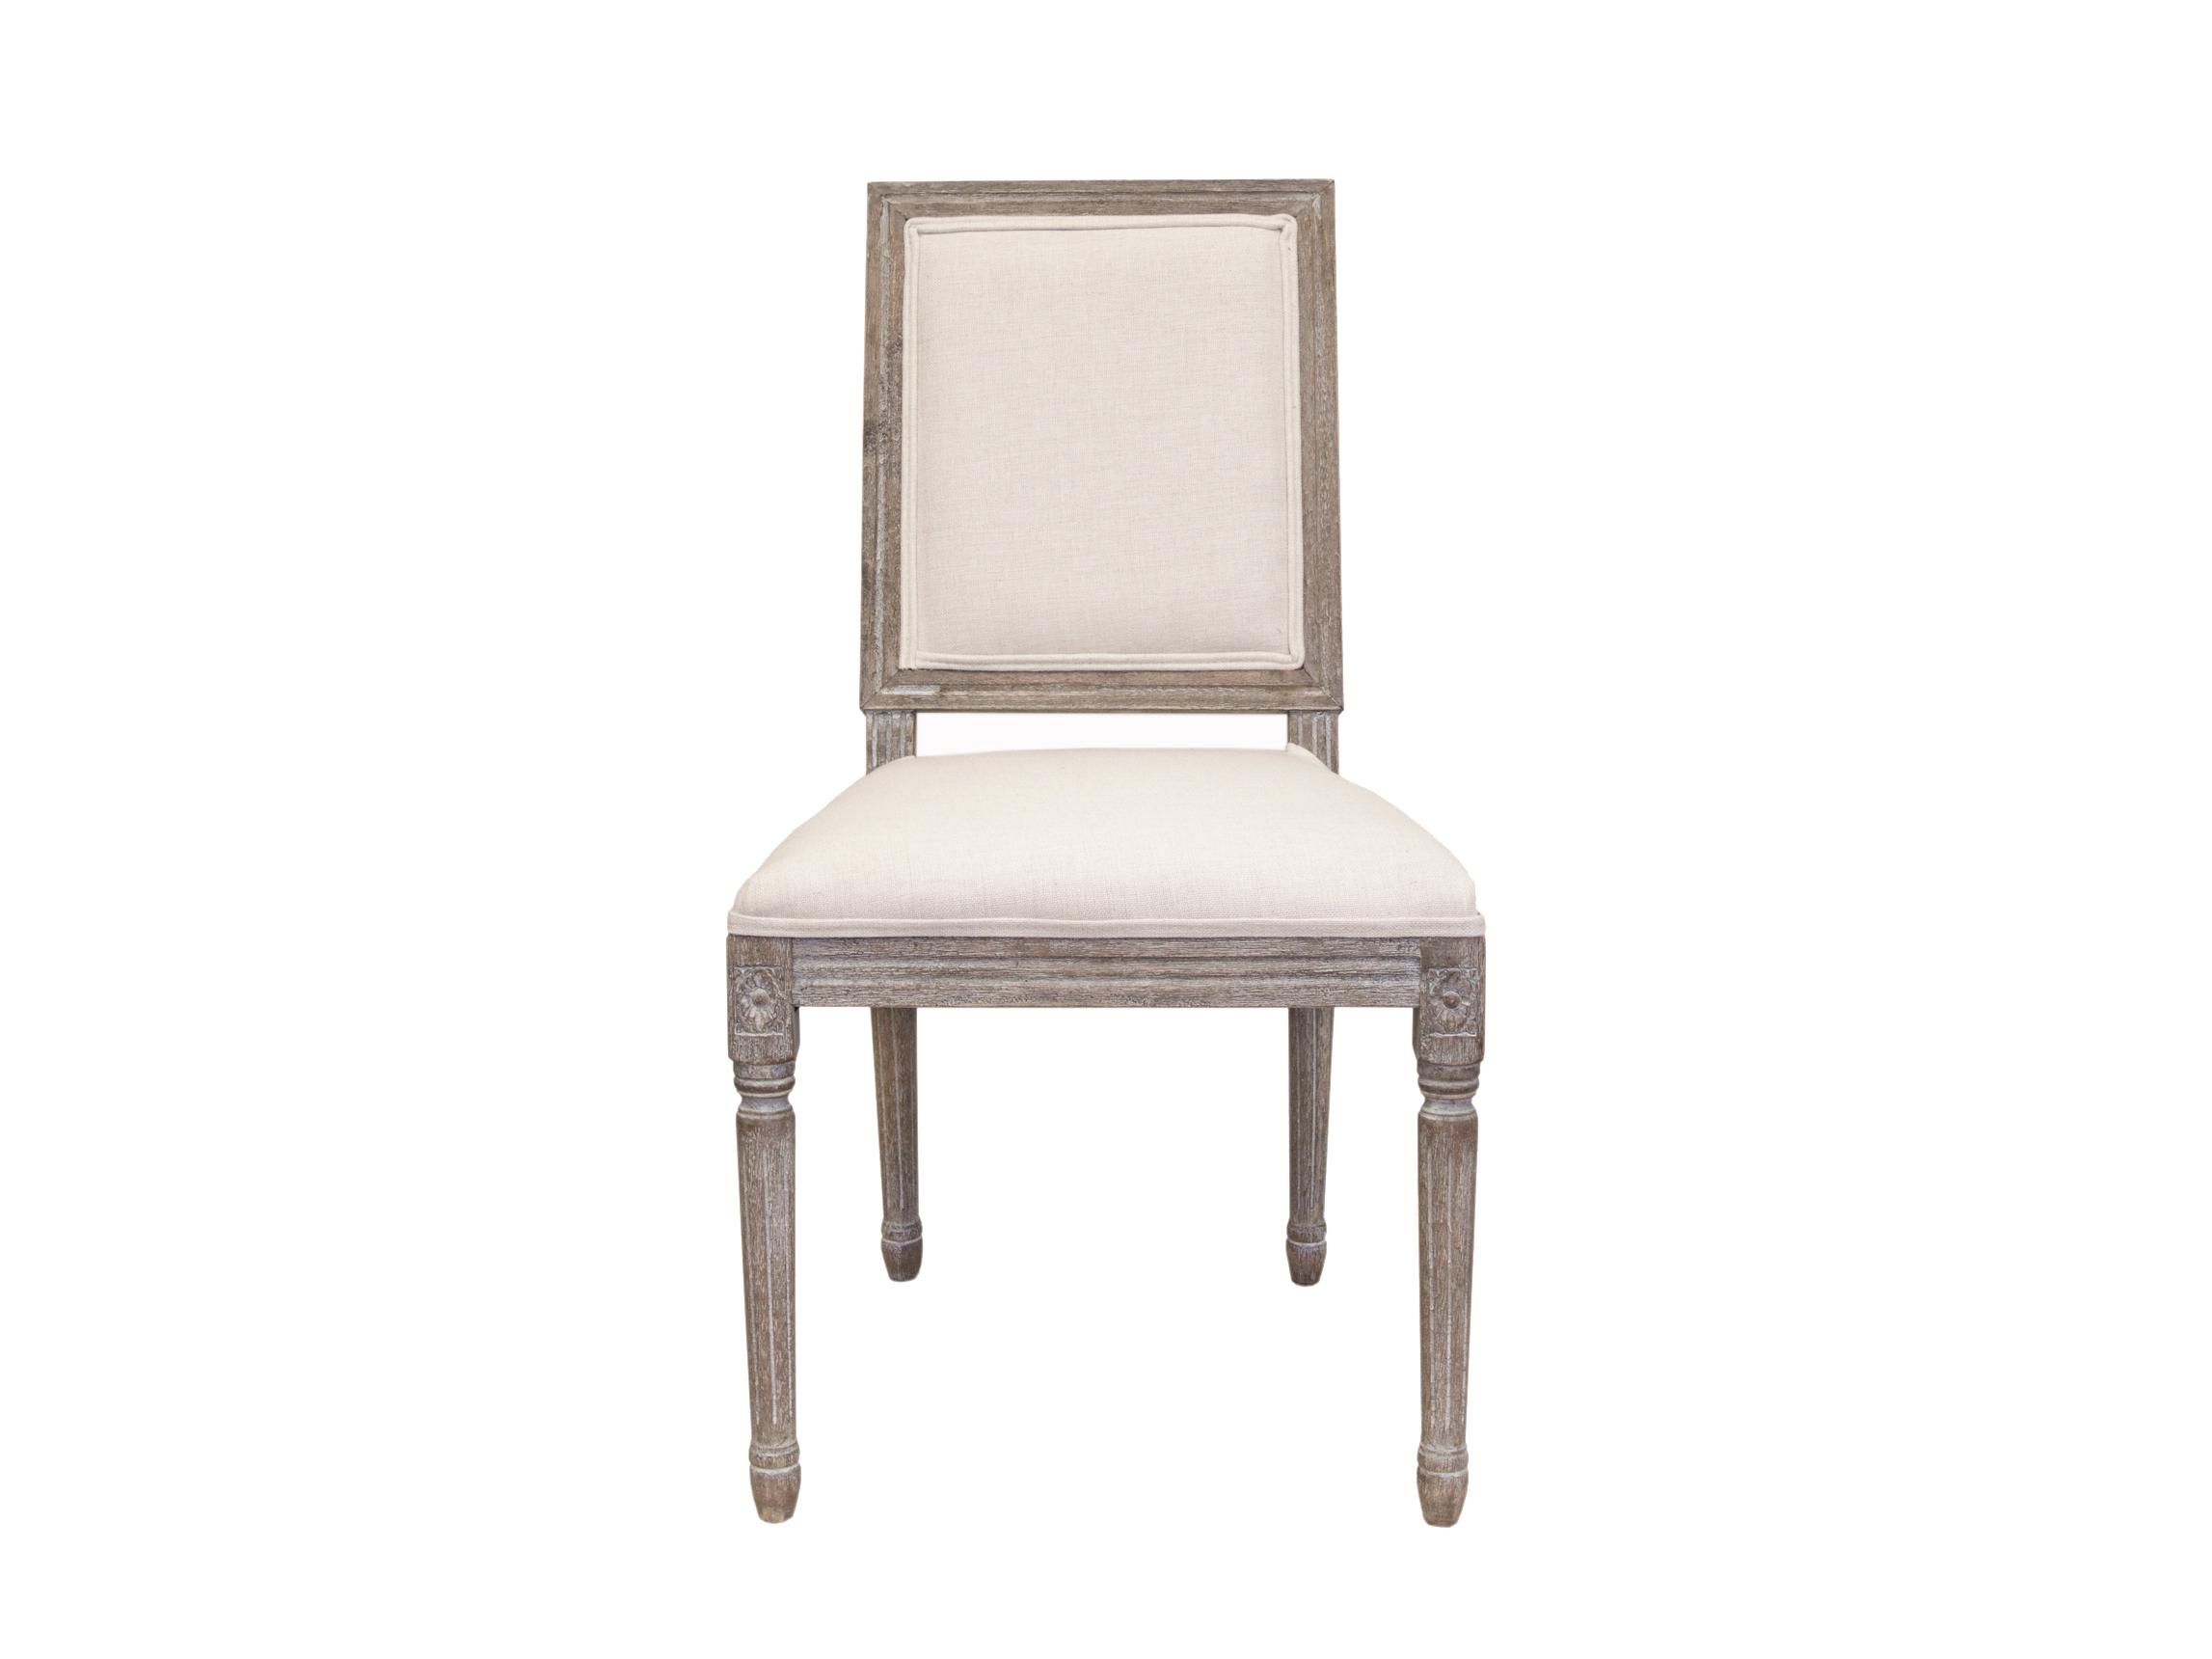 Стул LotosОбеденные стулья<br>Стул Lotos выполнен из ценной древесной породы - массива дуба. Классический дизайн стула подчеркивается эффектом состаренного дерева, точеными ножками сложной формы.&amp;amp;nbsp;&amp;lt;div&amp;gt;&amp;lt;br&amp;gt;&amp;lt;/div&amp;gt;&amp;lt;div&amp;gt;Материал: Лен, массив дуба&amp;lt;/div&amp;gt;<br><br>Material: Дерево<br>Ширина см: 49<br>Высота см: 97<br>Глубина см: 54